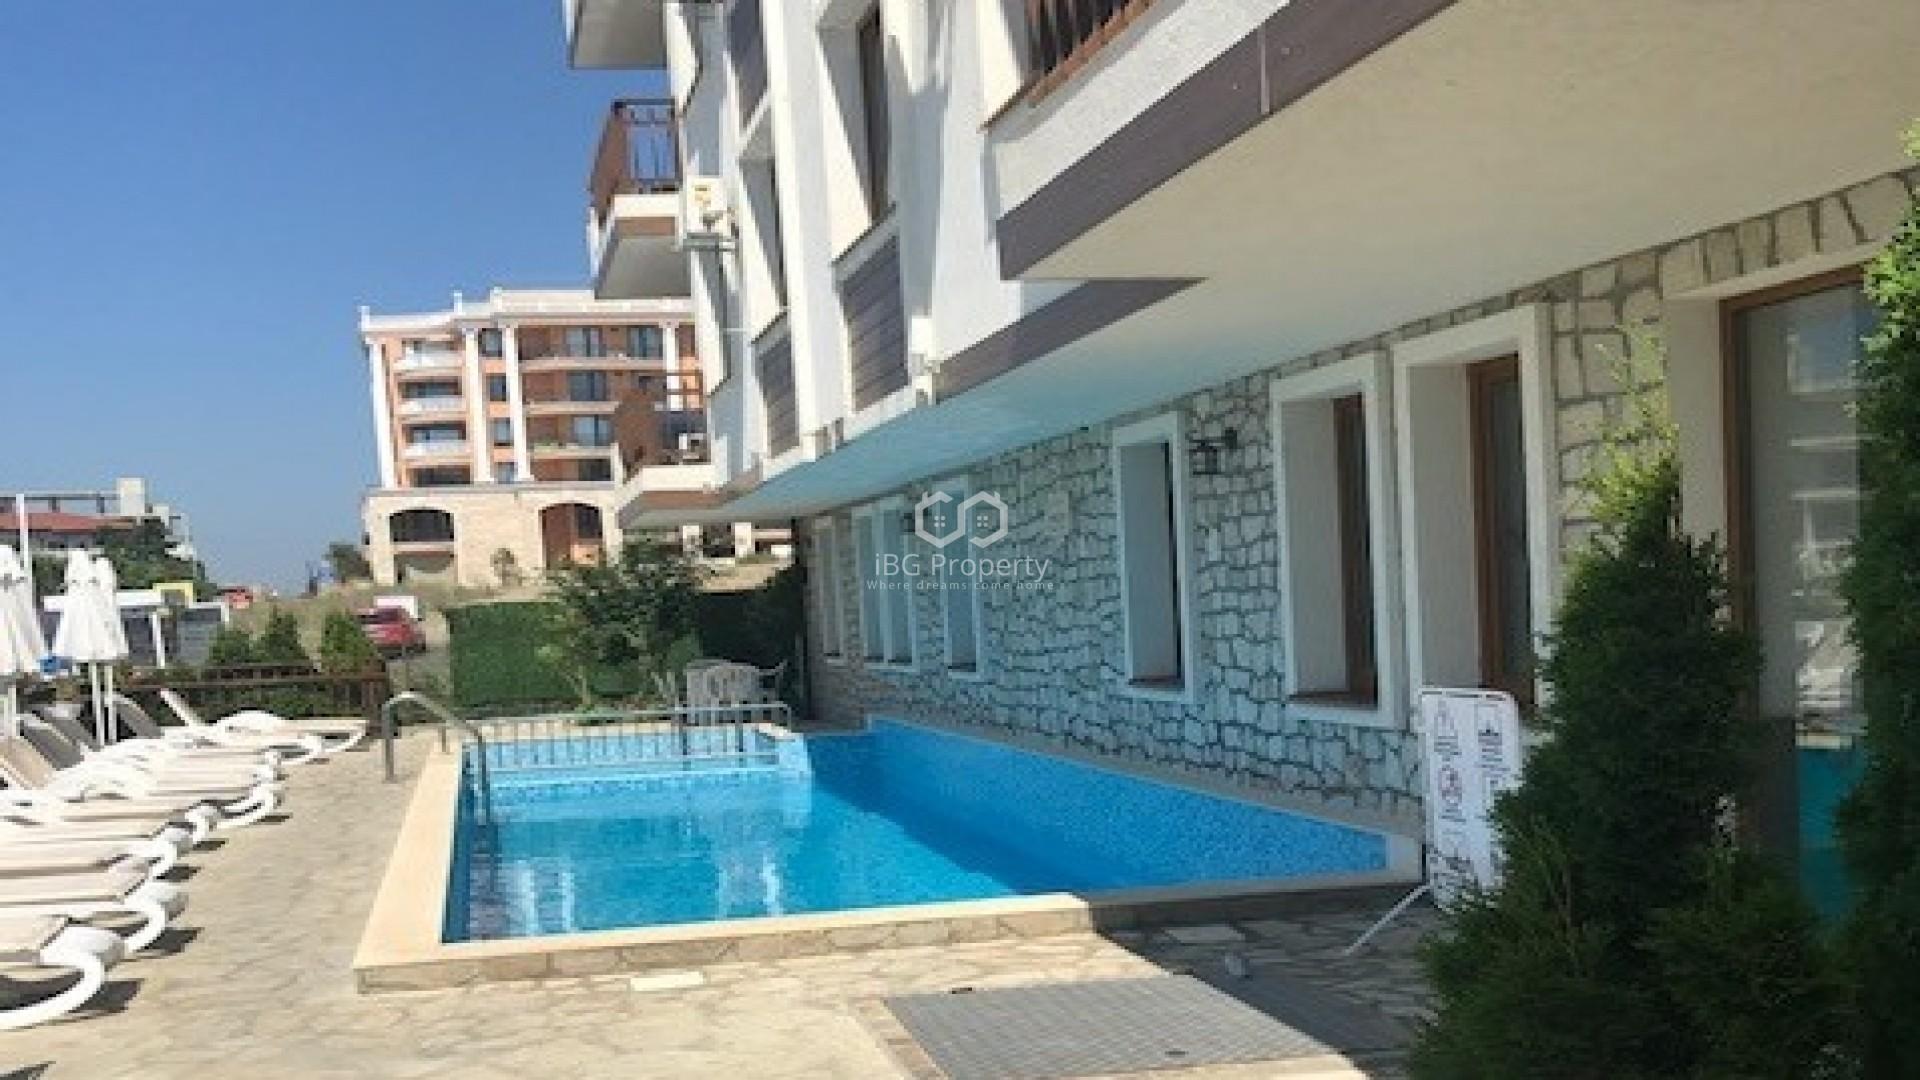 Eдностаен апартамент Свети Влас  33 m2